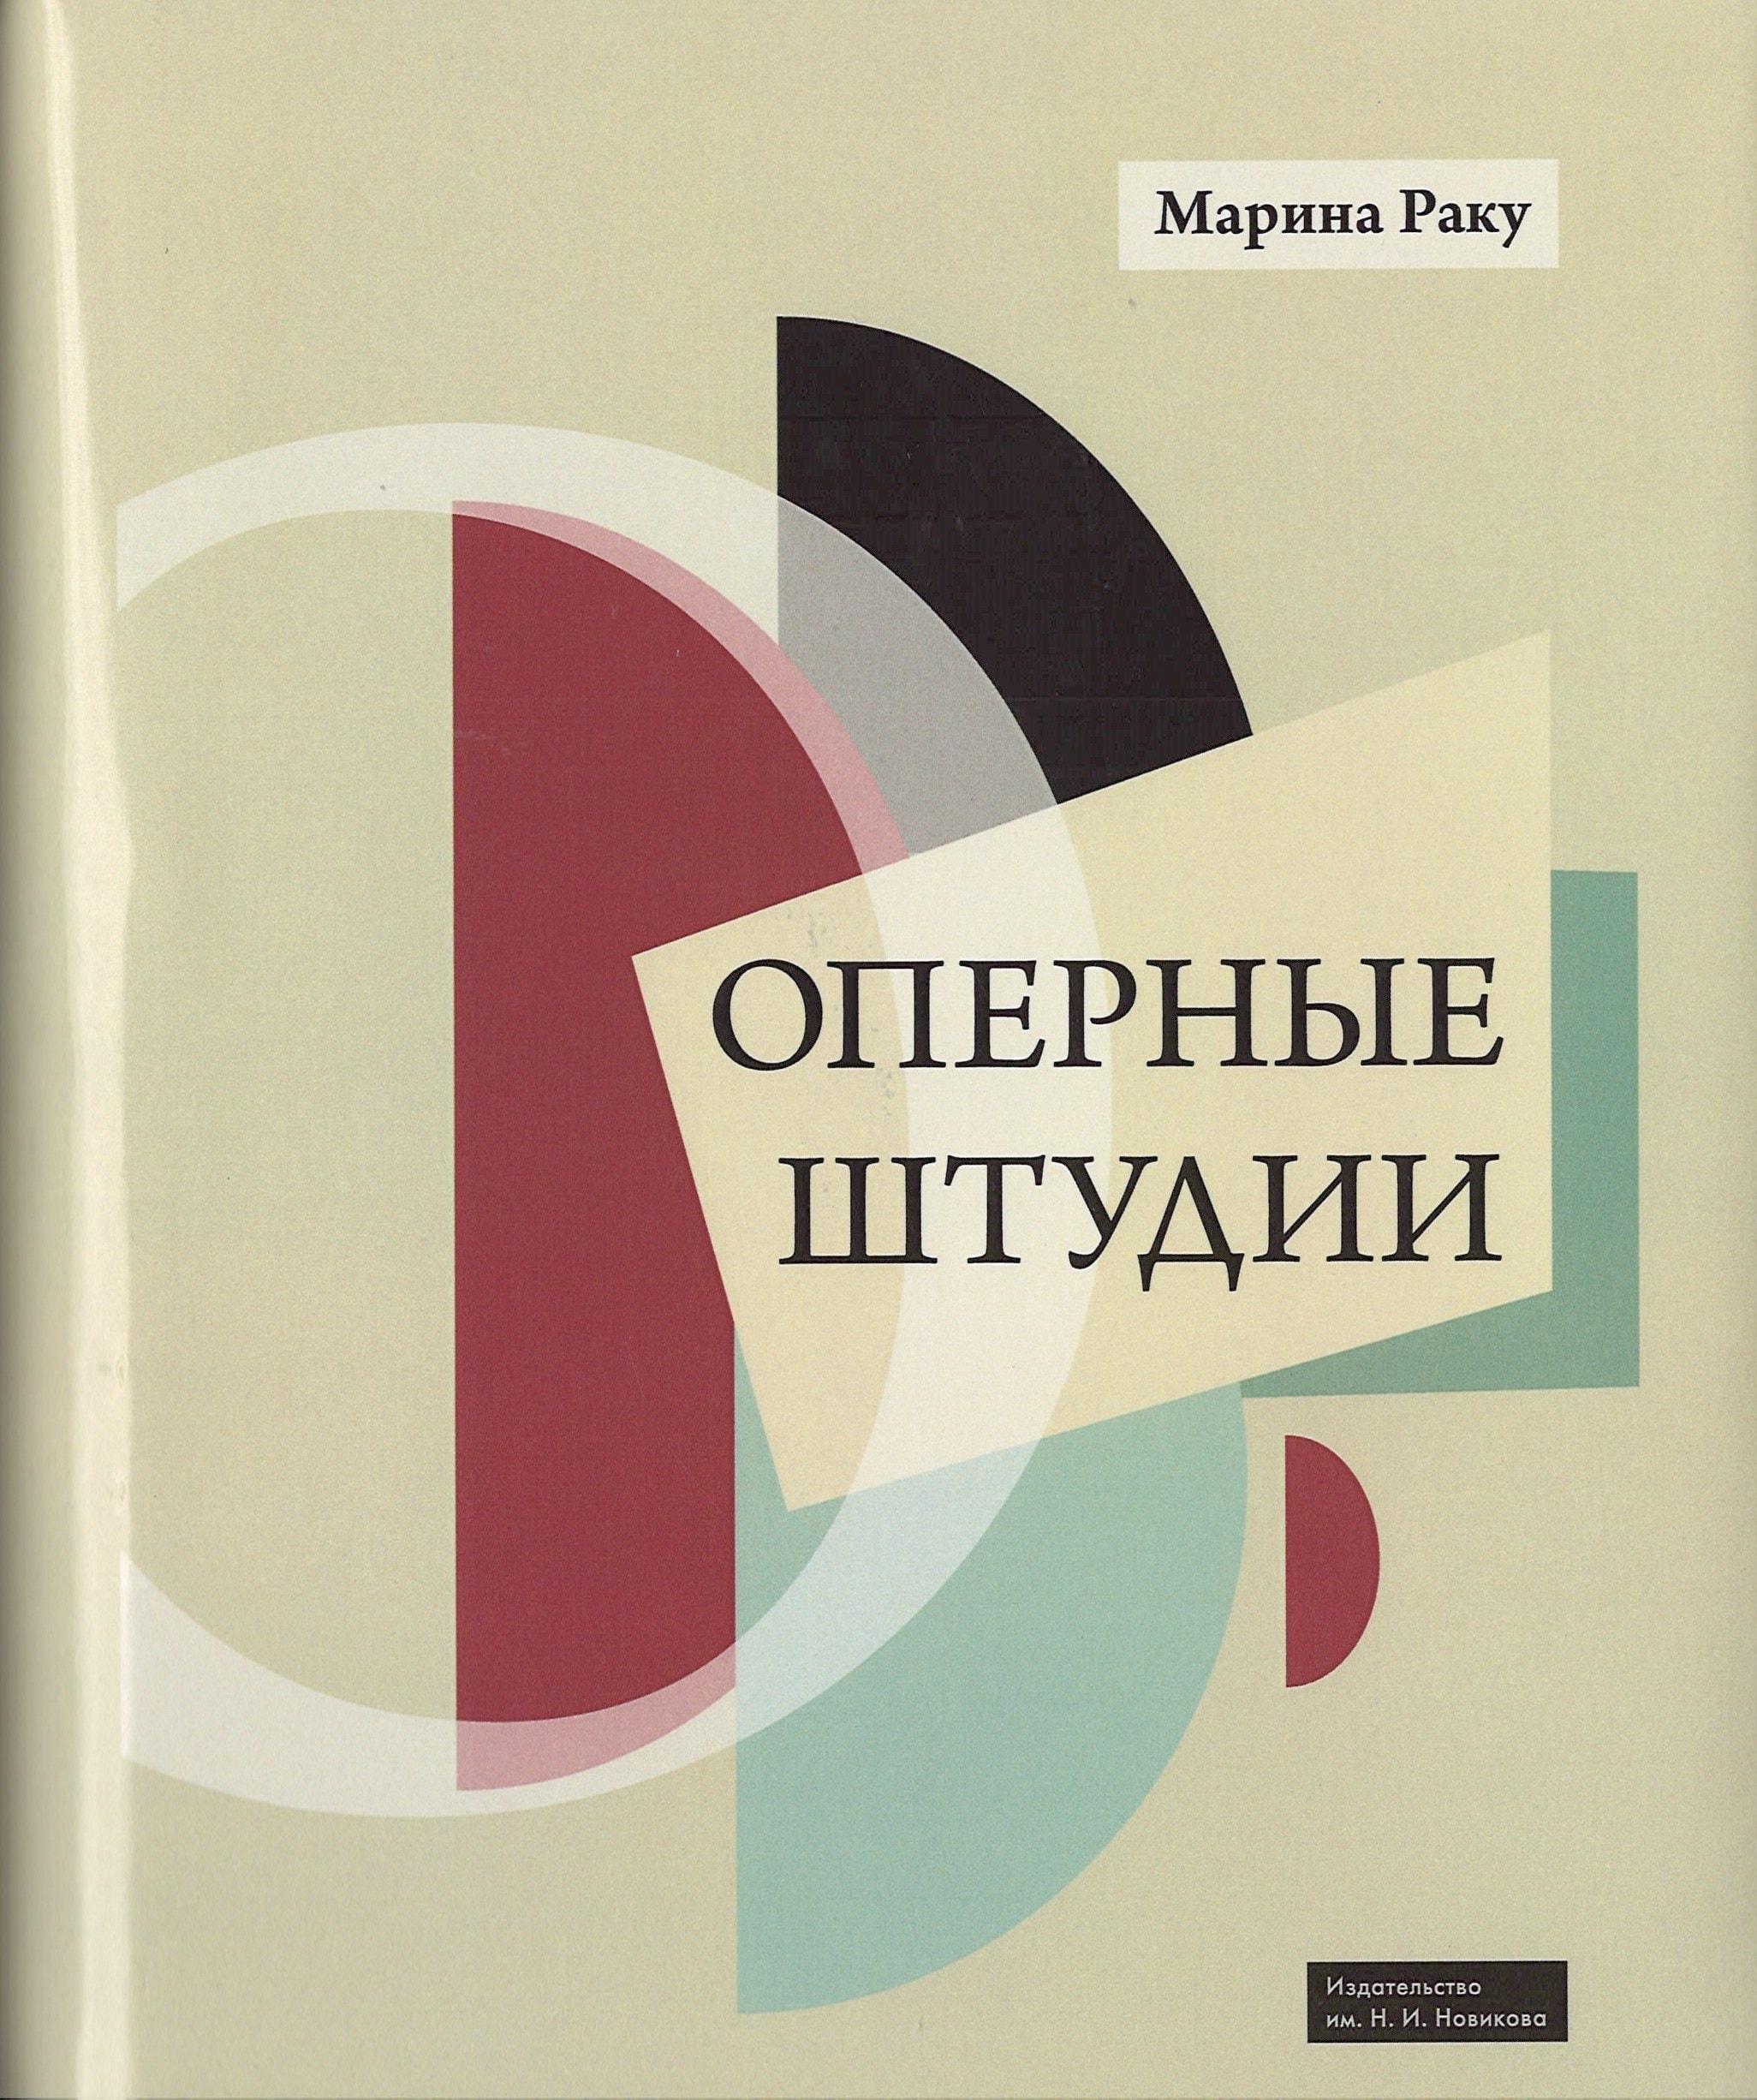 """Обложка книги Марины Раку """"Оперные штудии"""""""